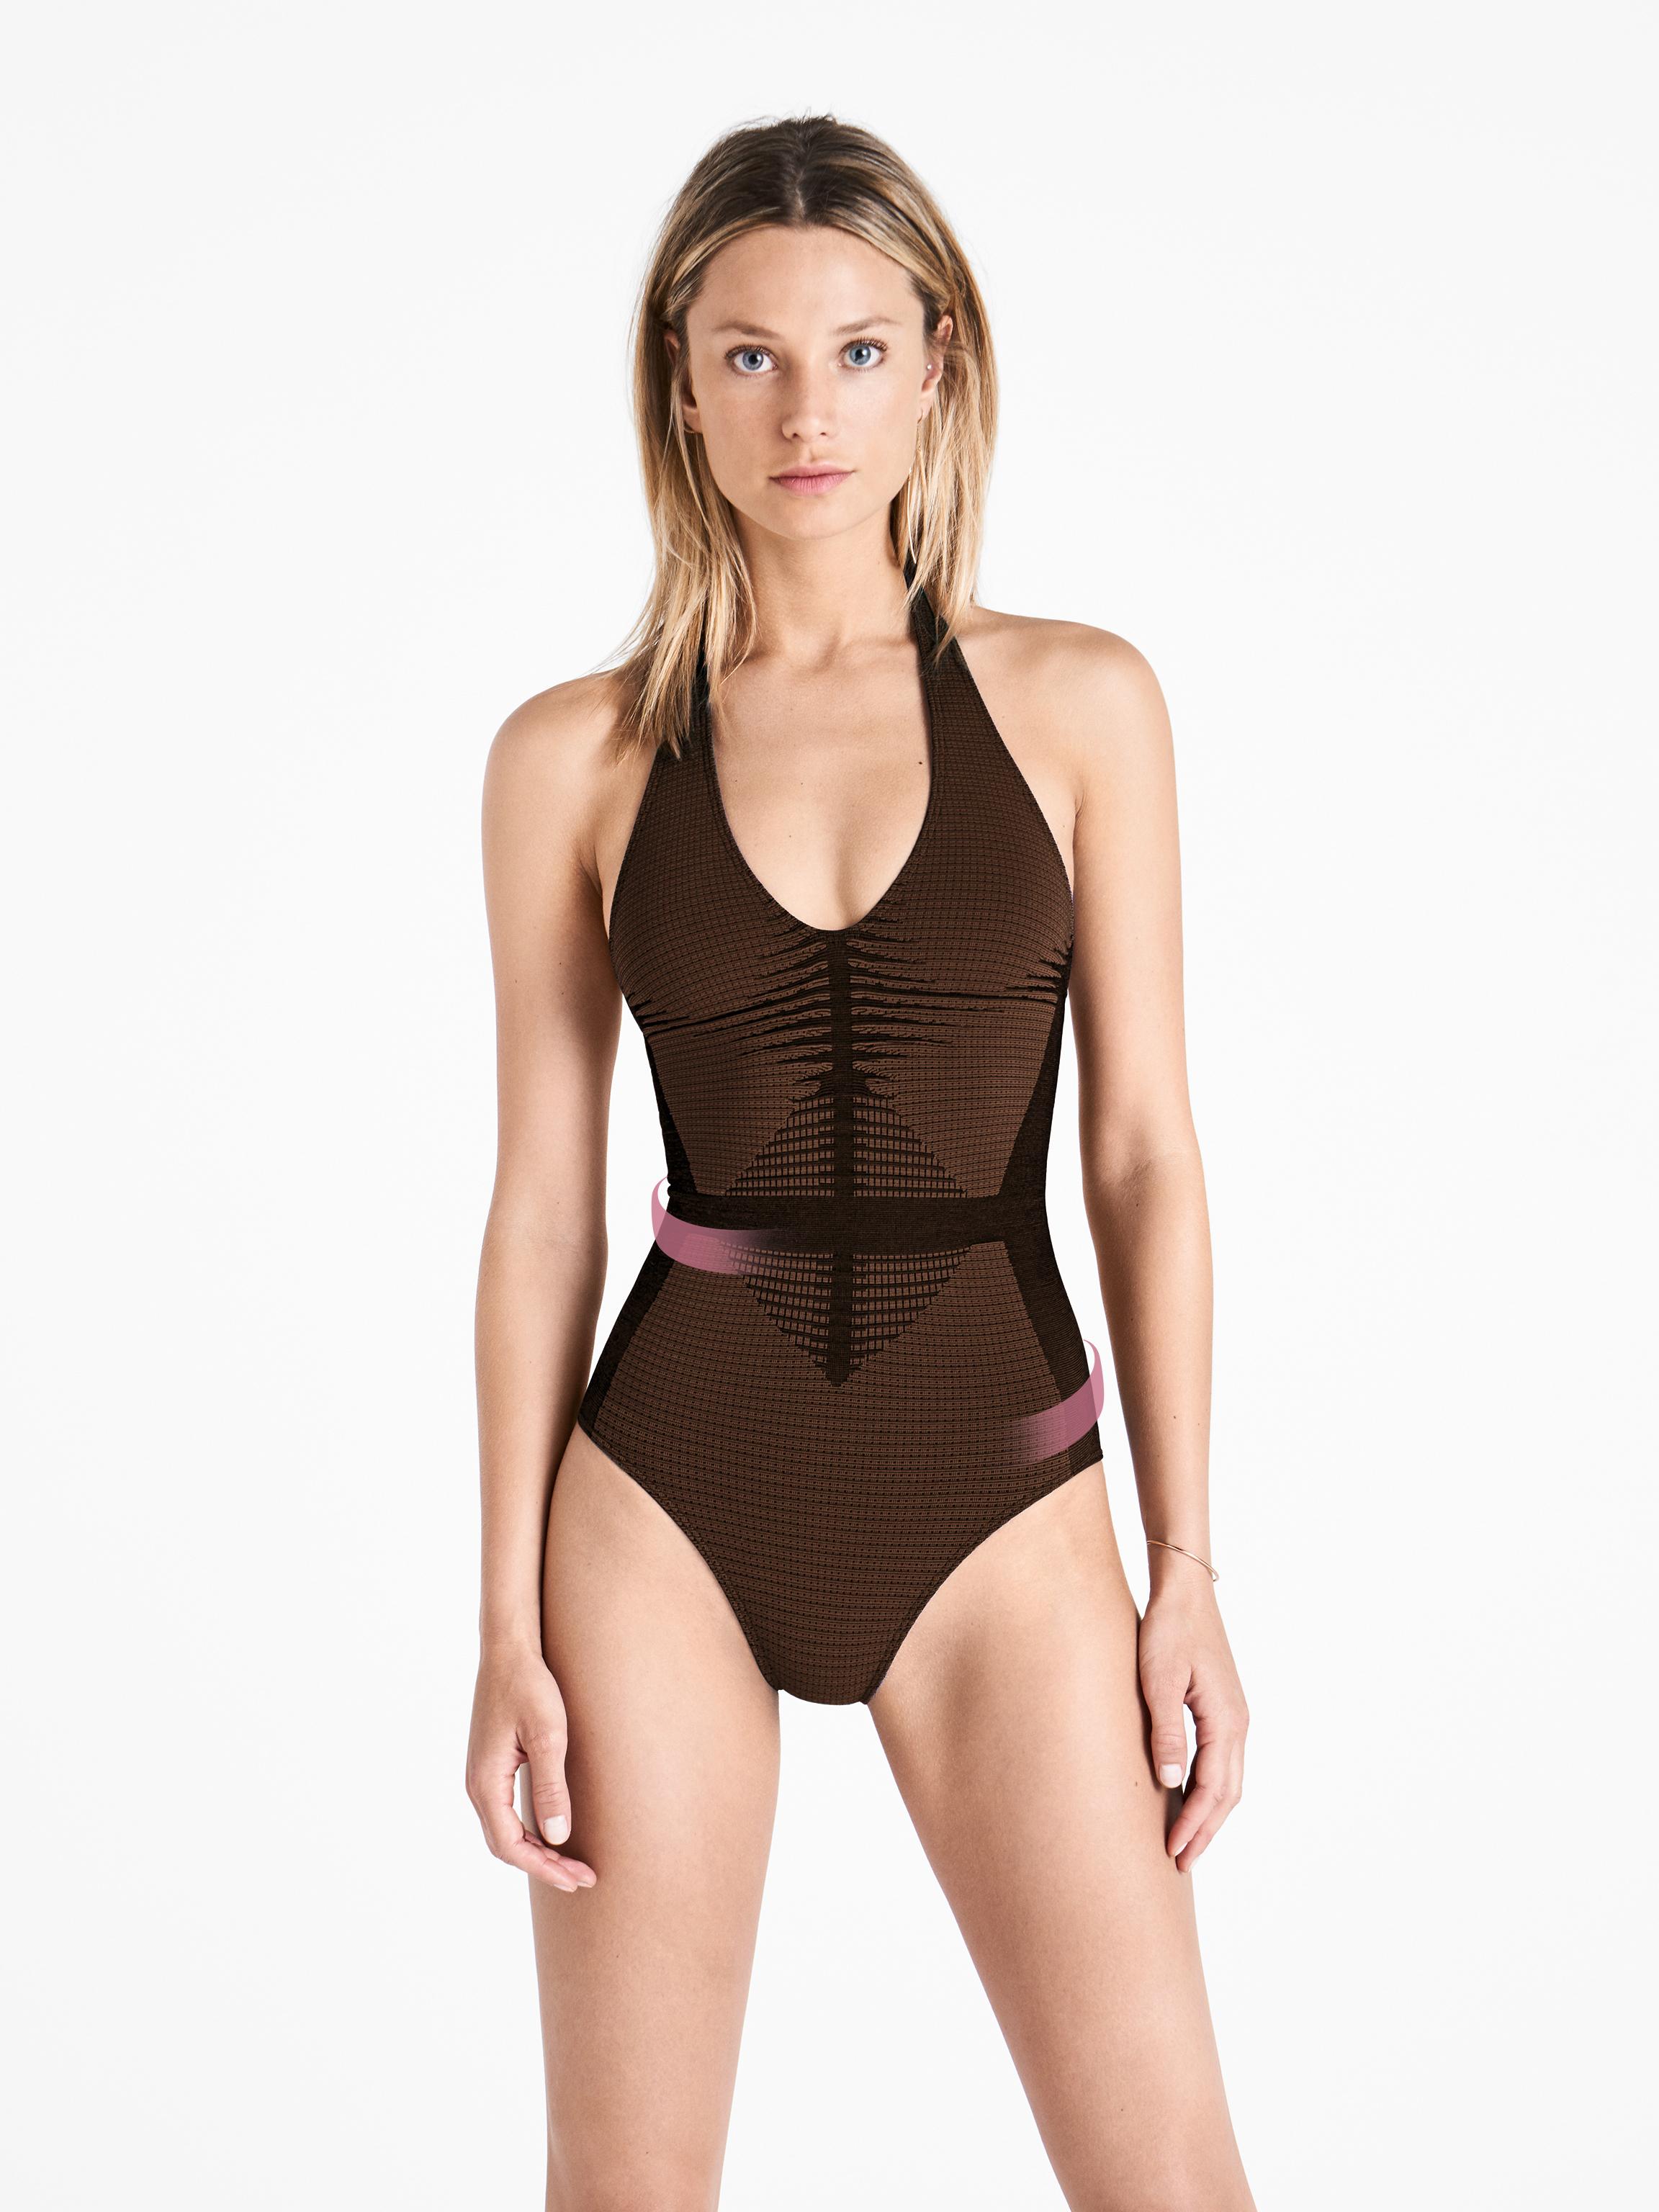 Wolford Apparel & Accessories > Clothing > Beachwear Trinity Forming Beach Body